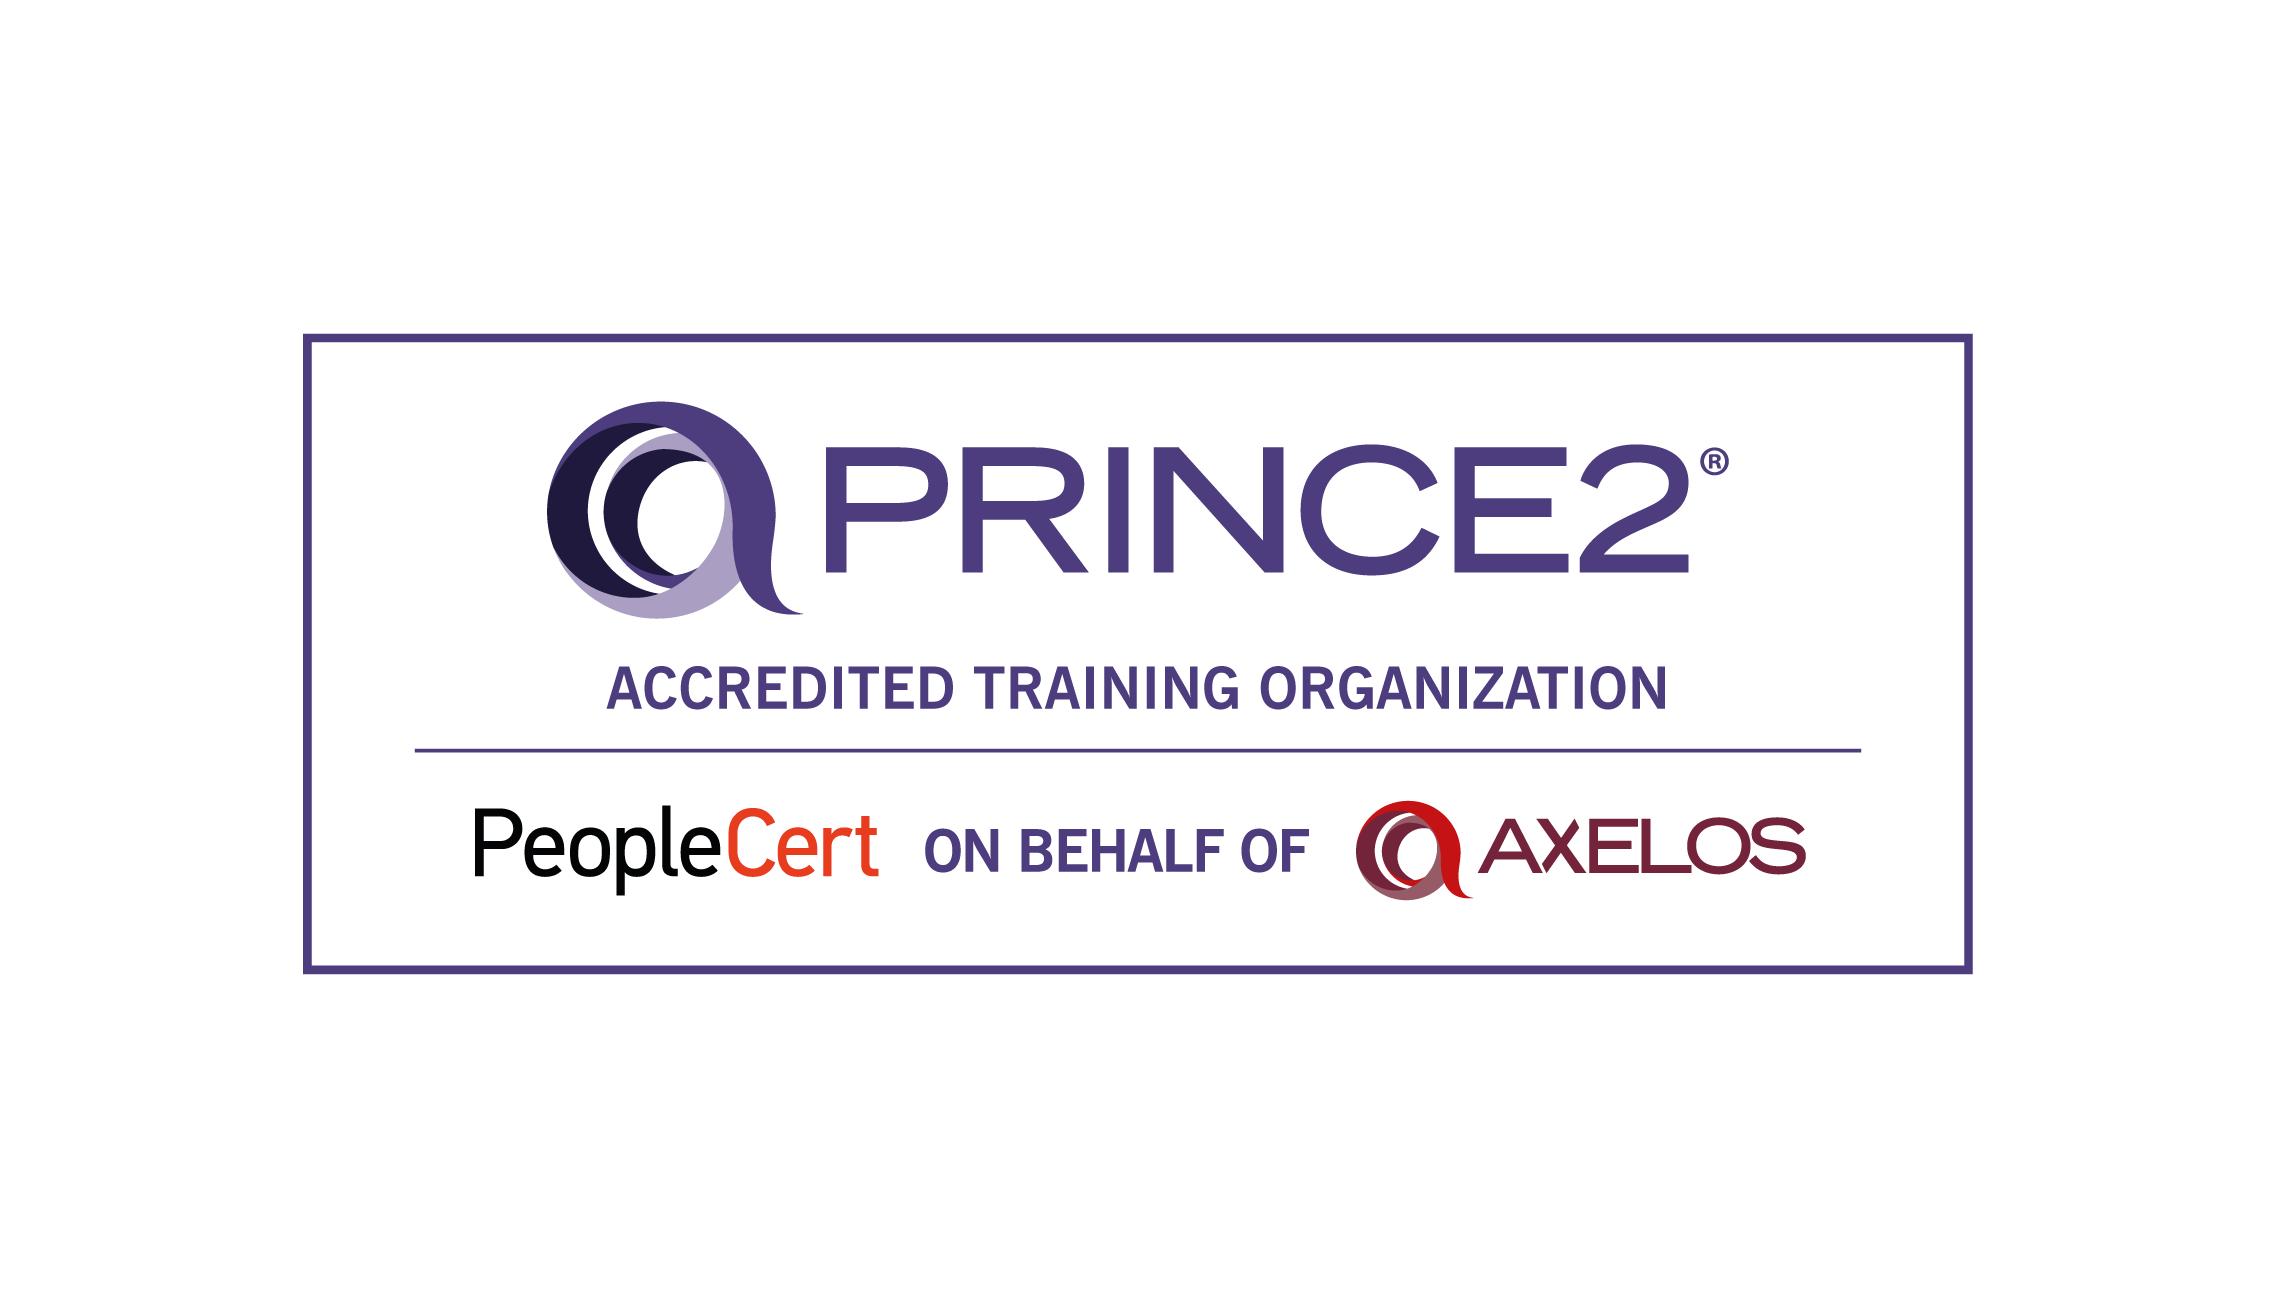 Portal do Treinamento - Centro de Treinamento Prince2 acreditado pela PeopleCert em nome da Axelos